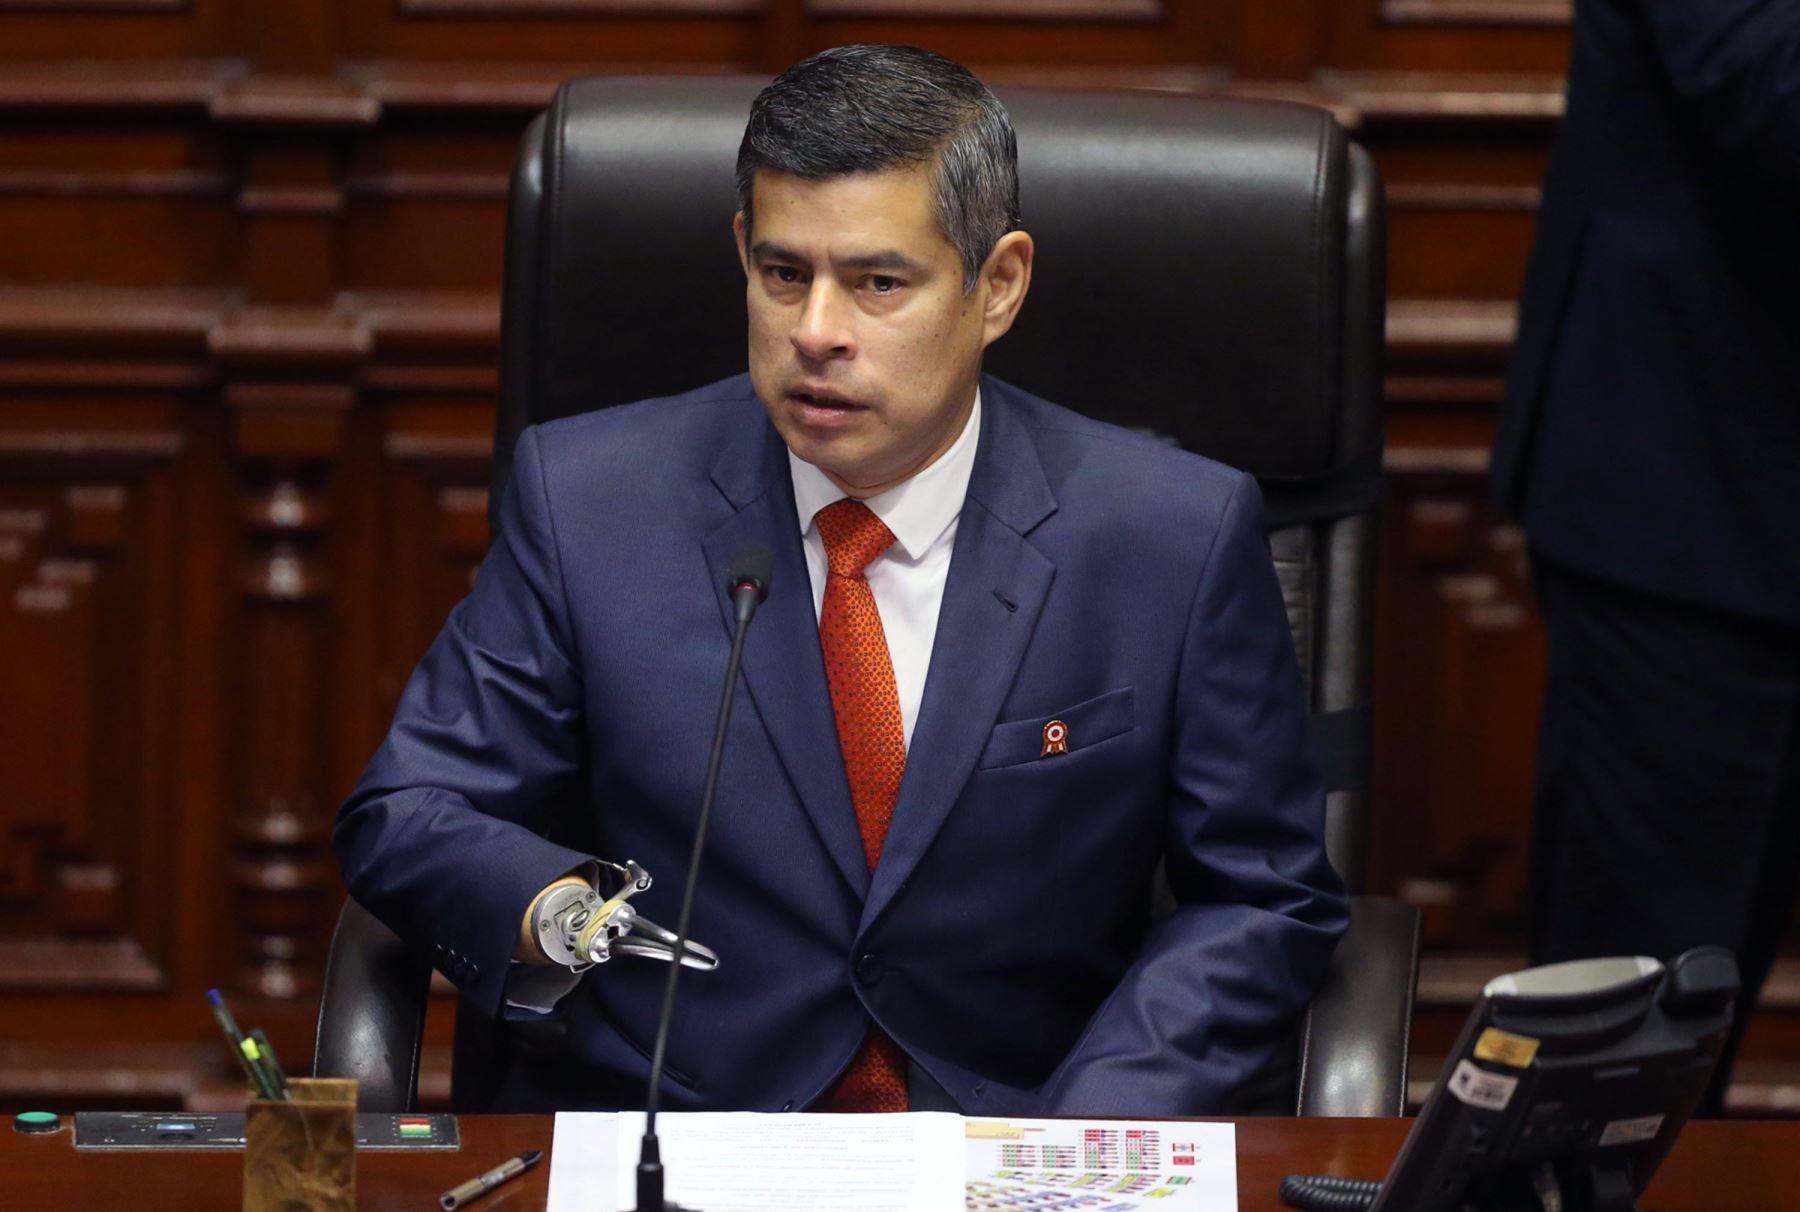 Presidente de Perú exhorta a trabajar sin diferencias ideológicas